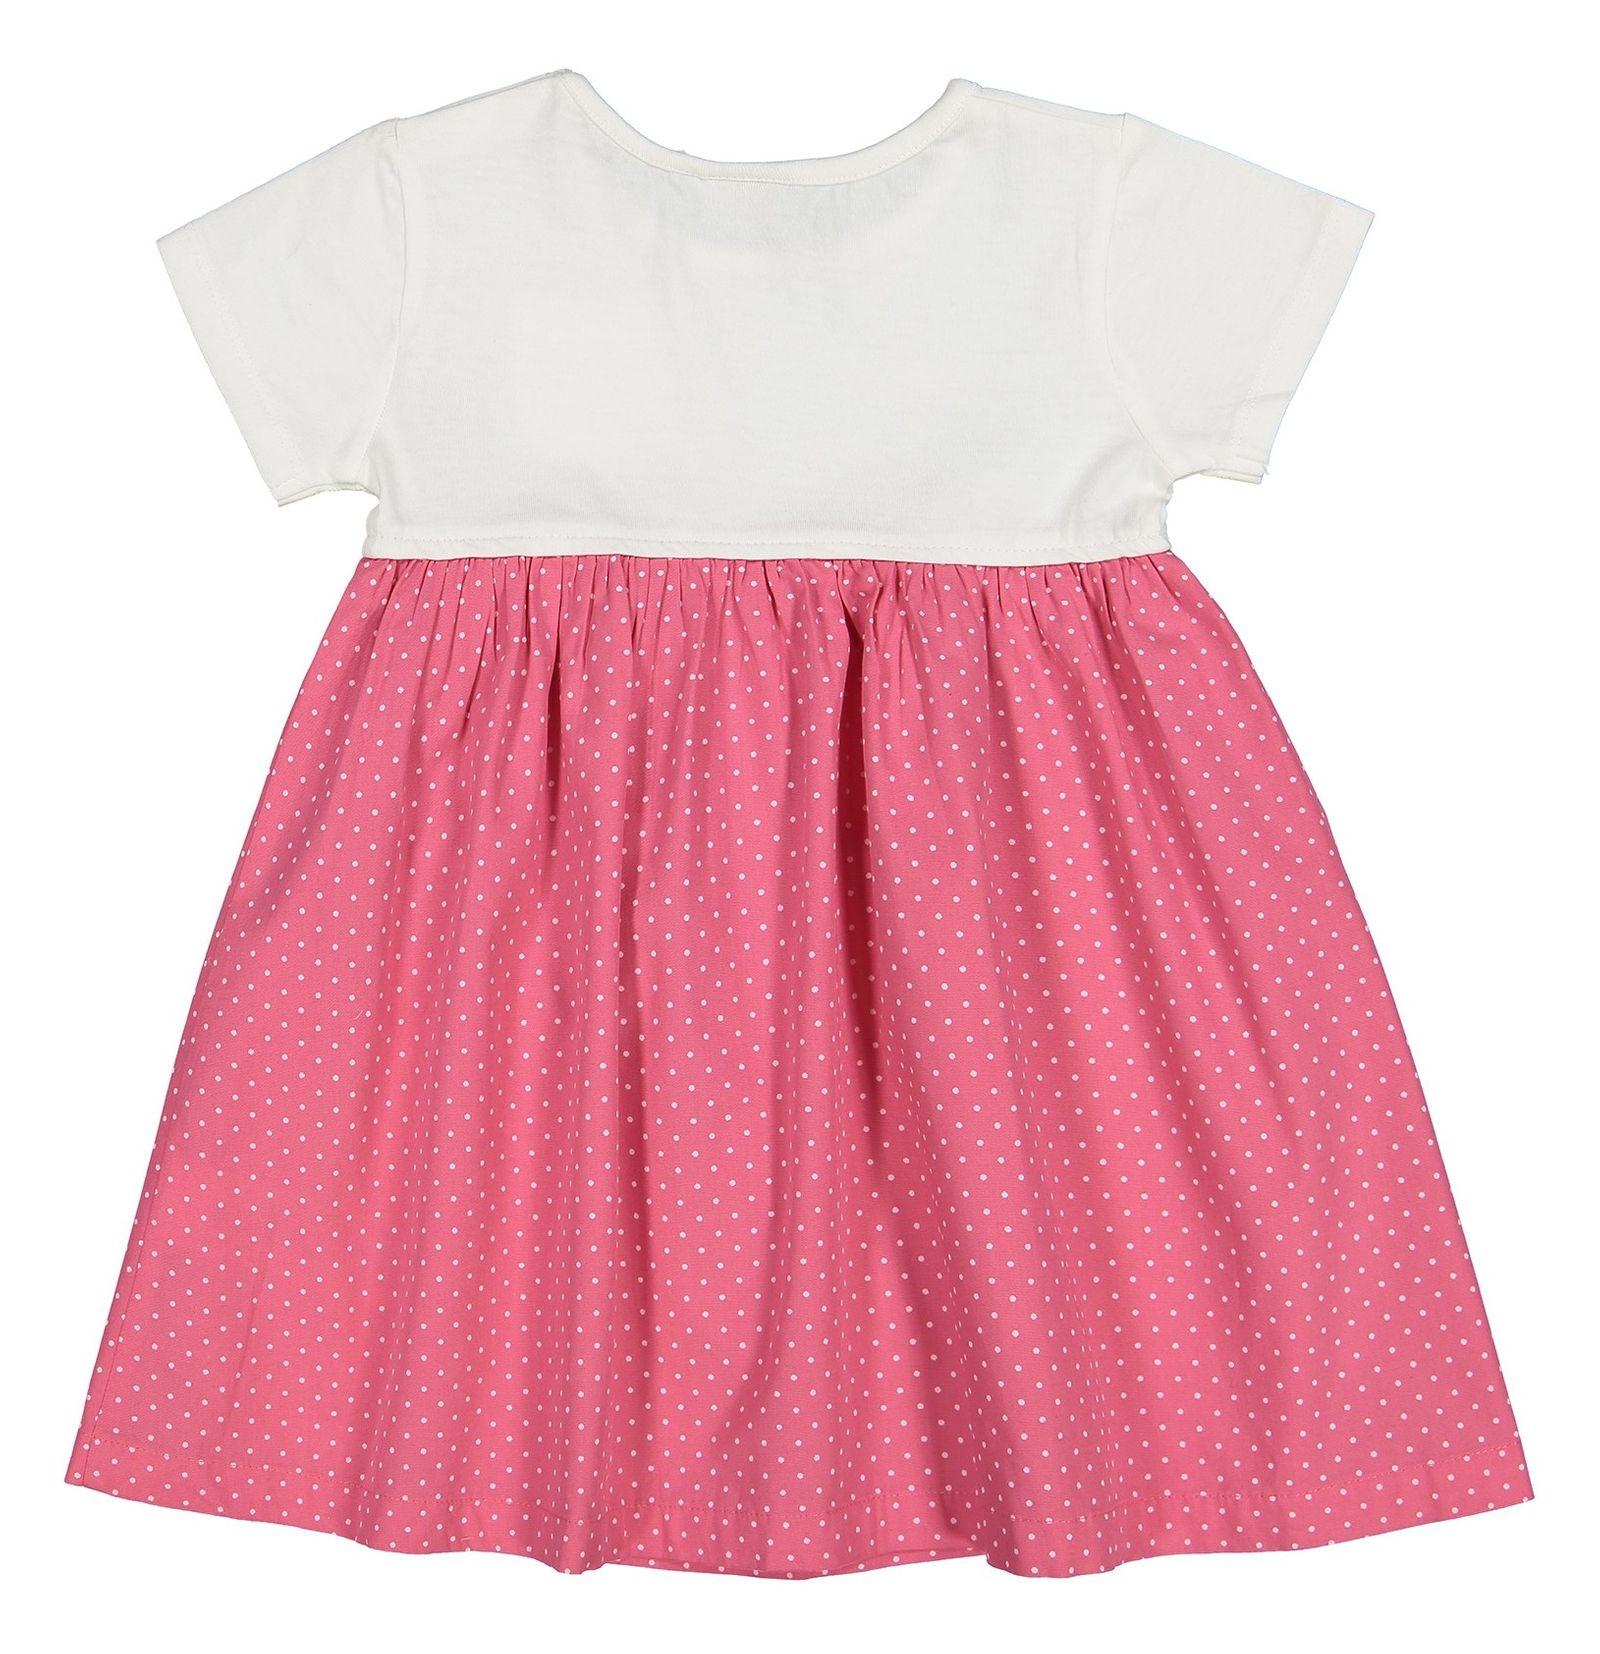 پیراهن نخی نوزادی دخترانه - بلوزو - سفيد و گلبهي - 2